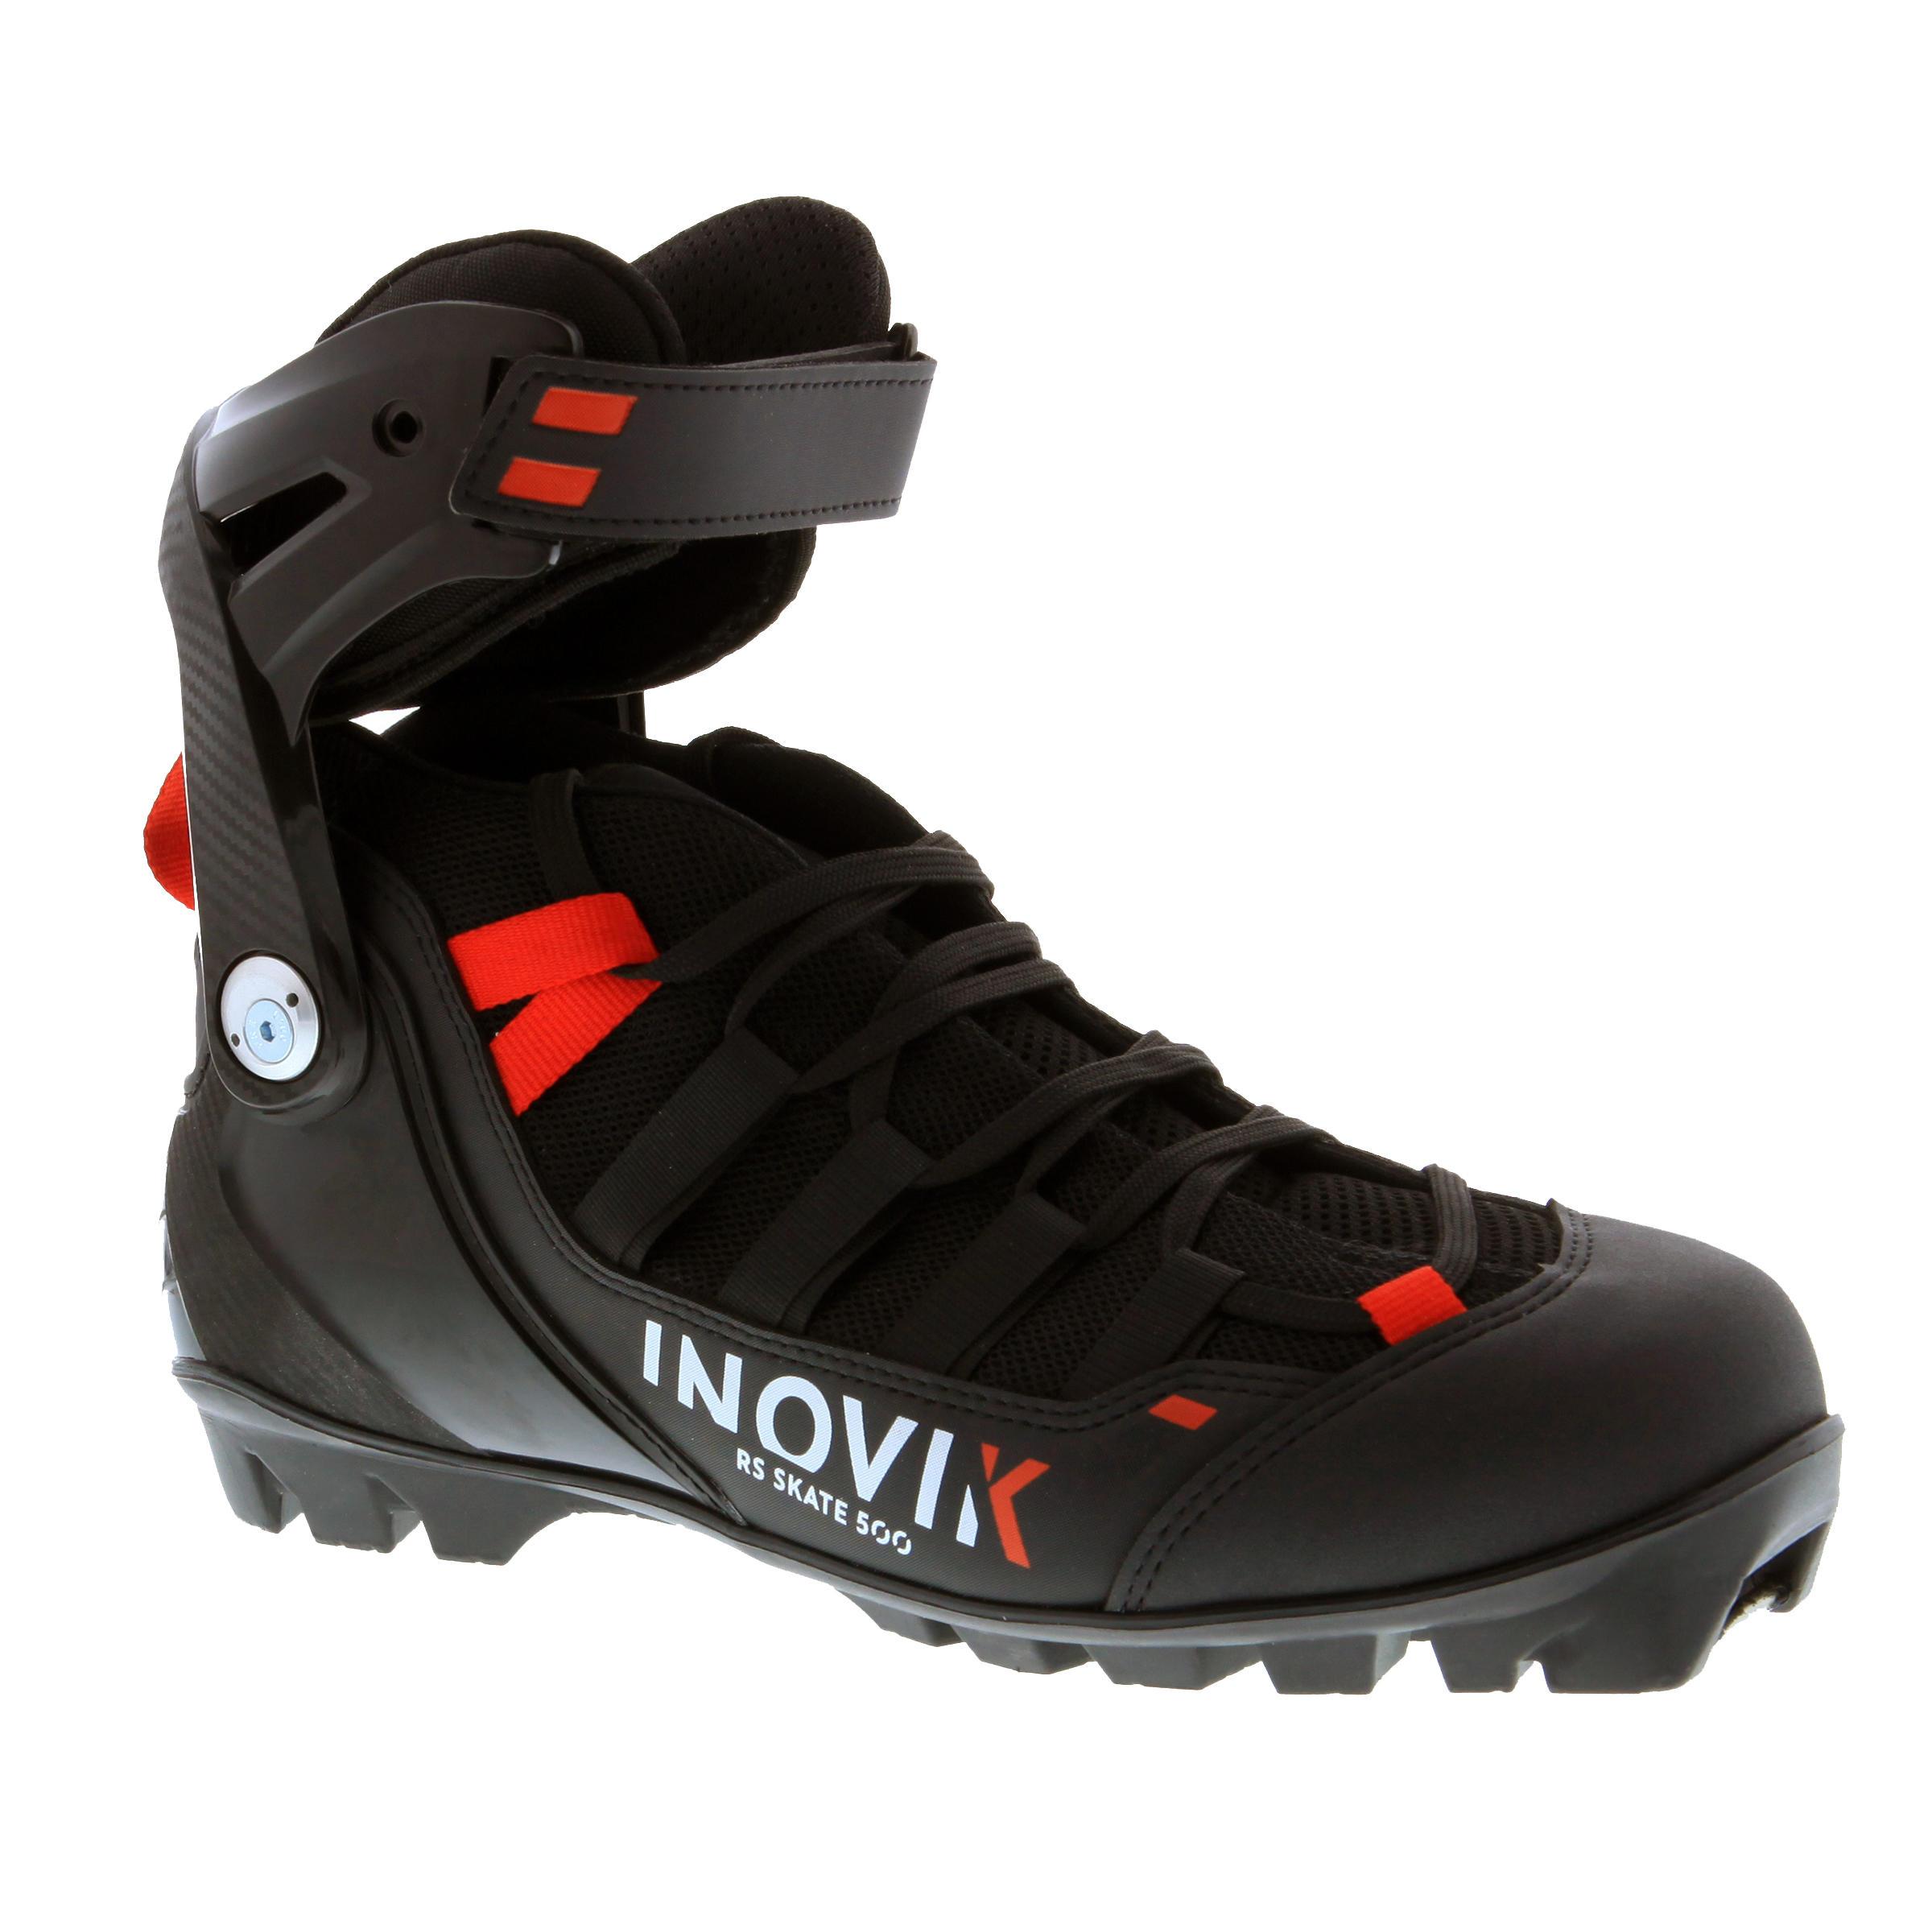 Inovik Schoenen voor skating rolskiën volwassenen XC SR BOOTS 500 zwart thumbnail